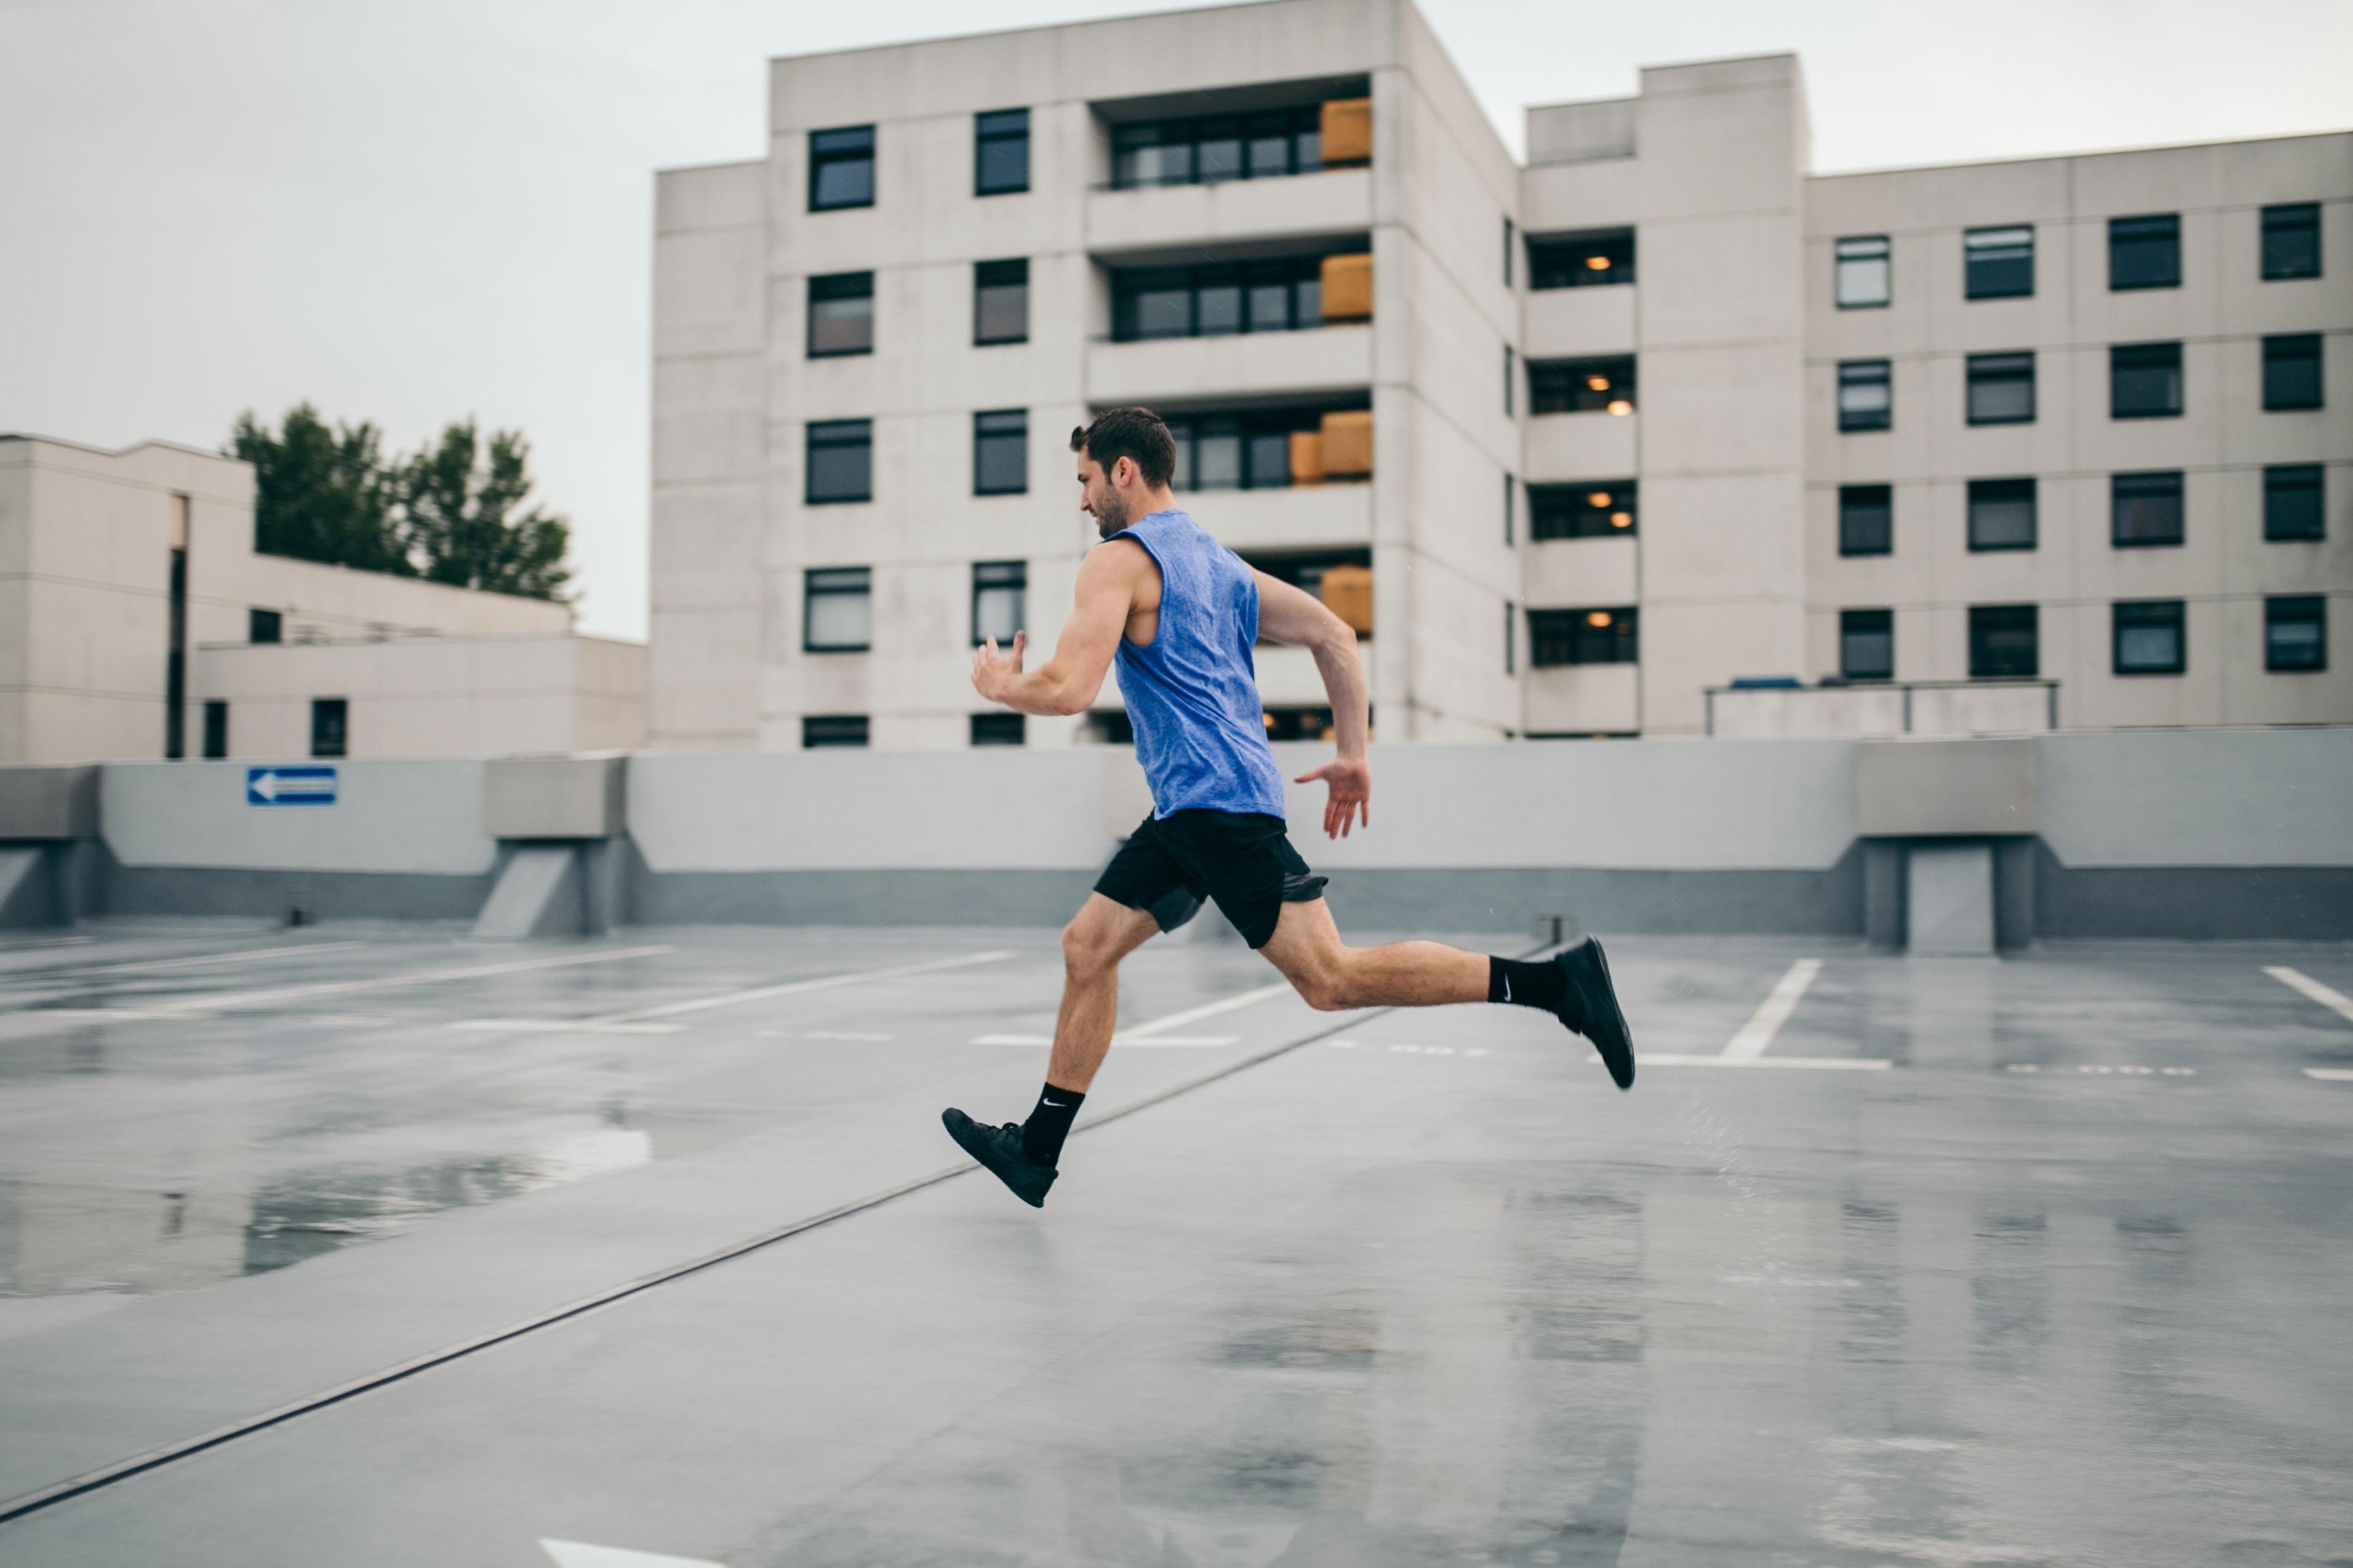 jan körber beim Laufen